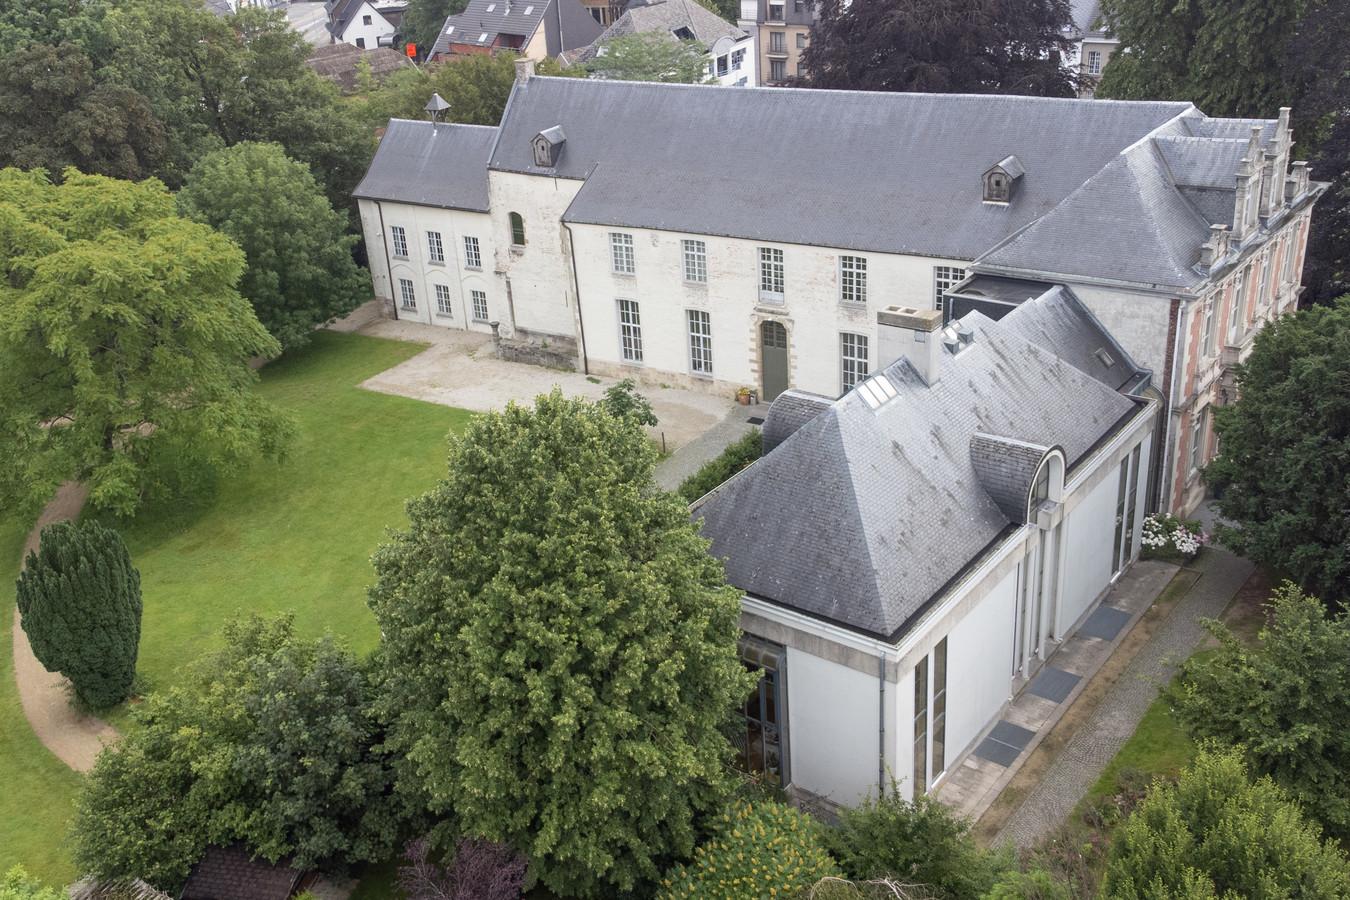 Het dak, de afvoer en gevels van het kasteel zijn aan restauratie toe.